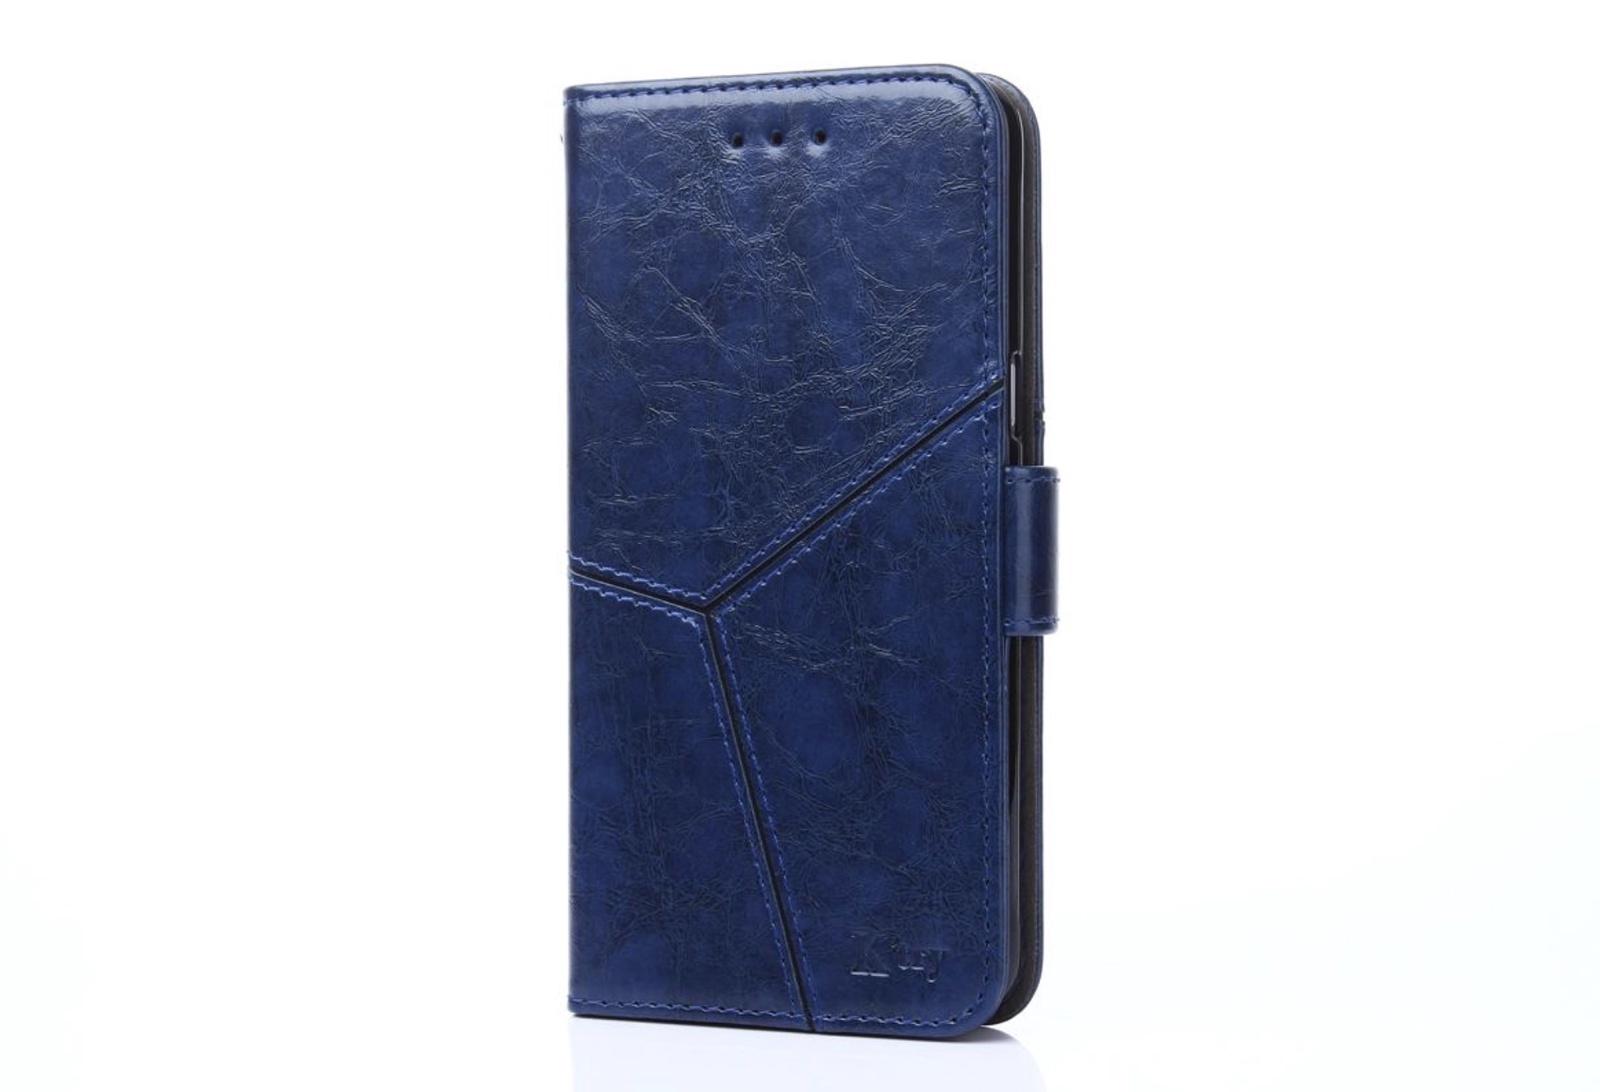 Чехол-книжка MyPads для Sony Xperia XZ/XZs/ XZ Dual 5.2 (F8331 / F8332) прошитый по контуру с необычным геометрическим швом синий